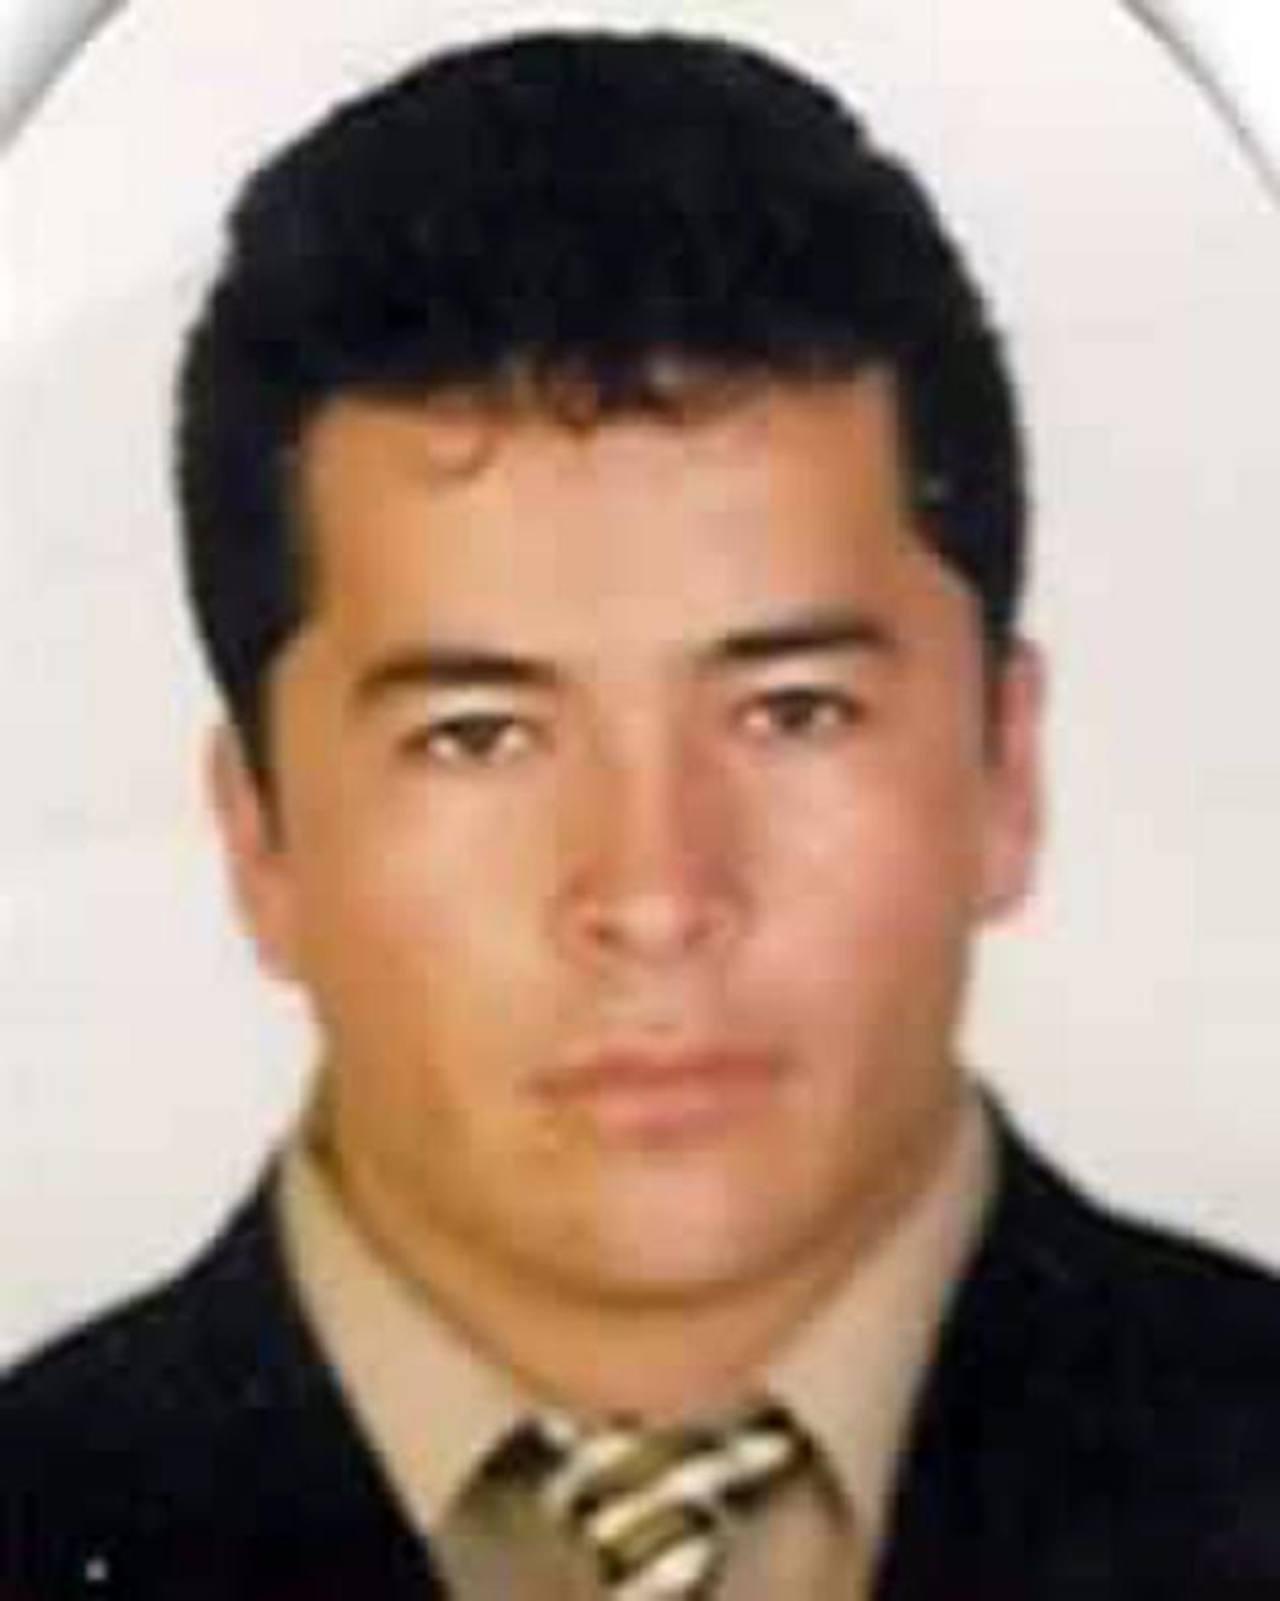 Heriberto Lazcano Lazcano, alias El Lazca